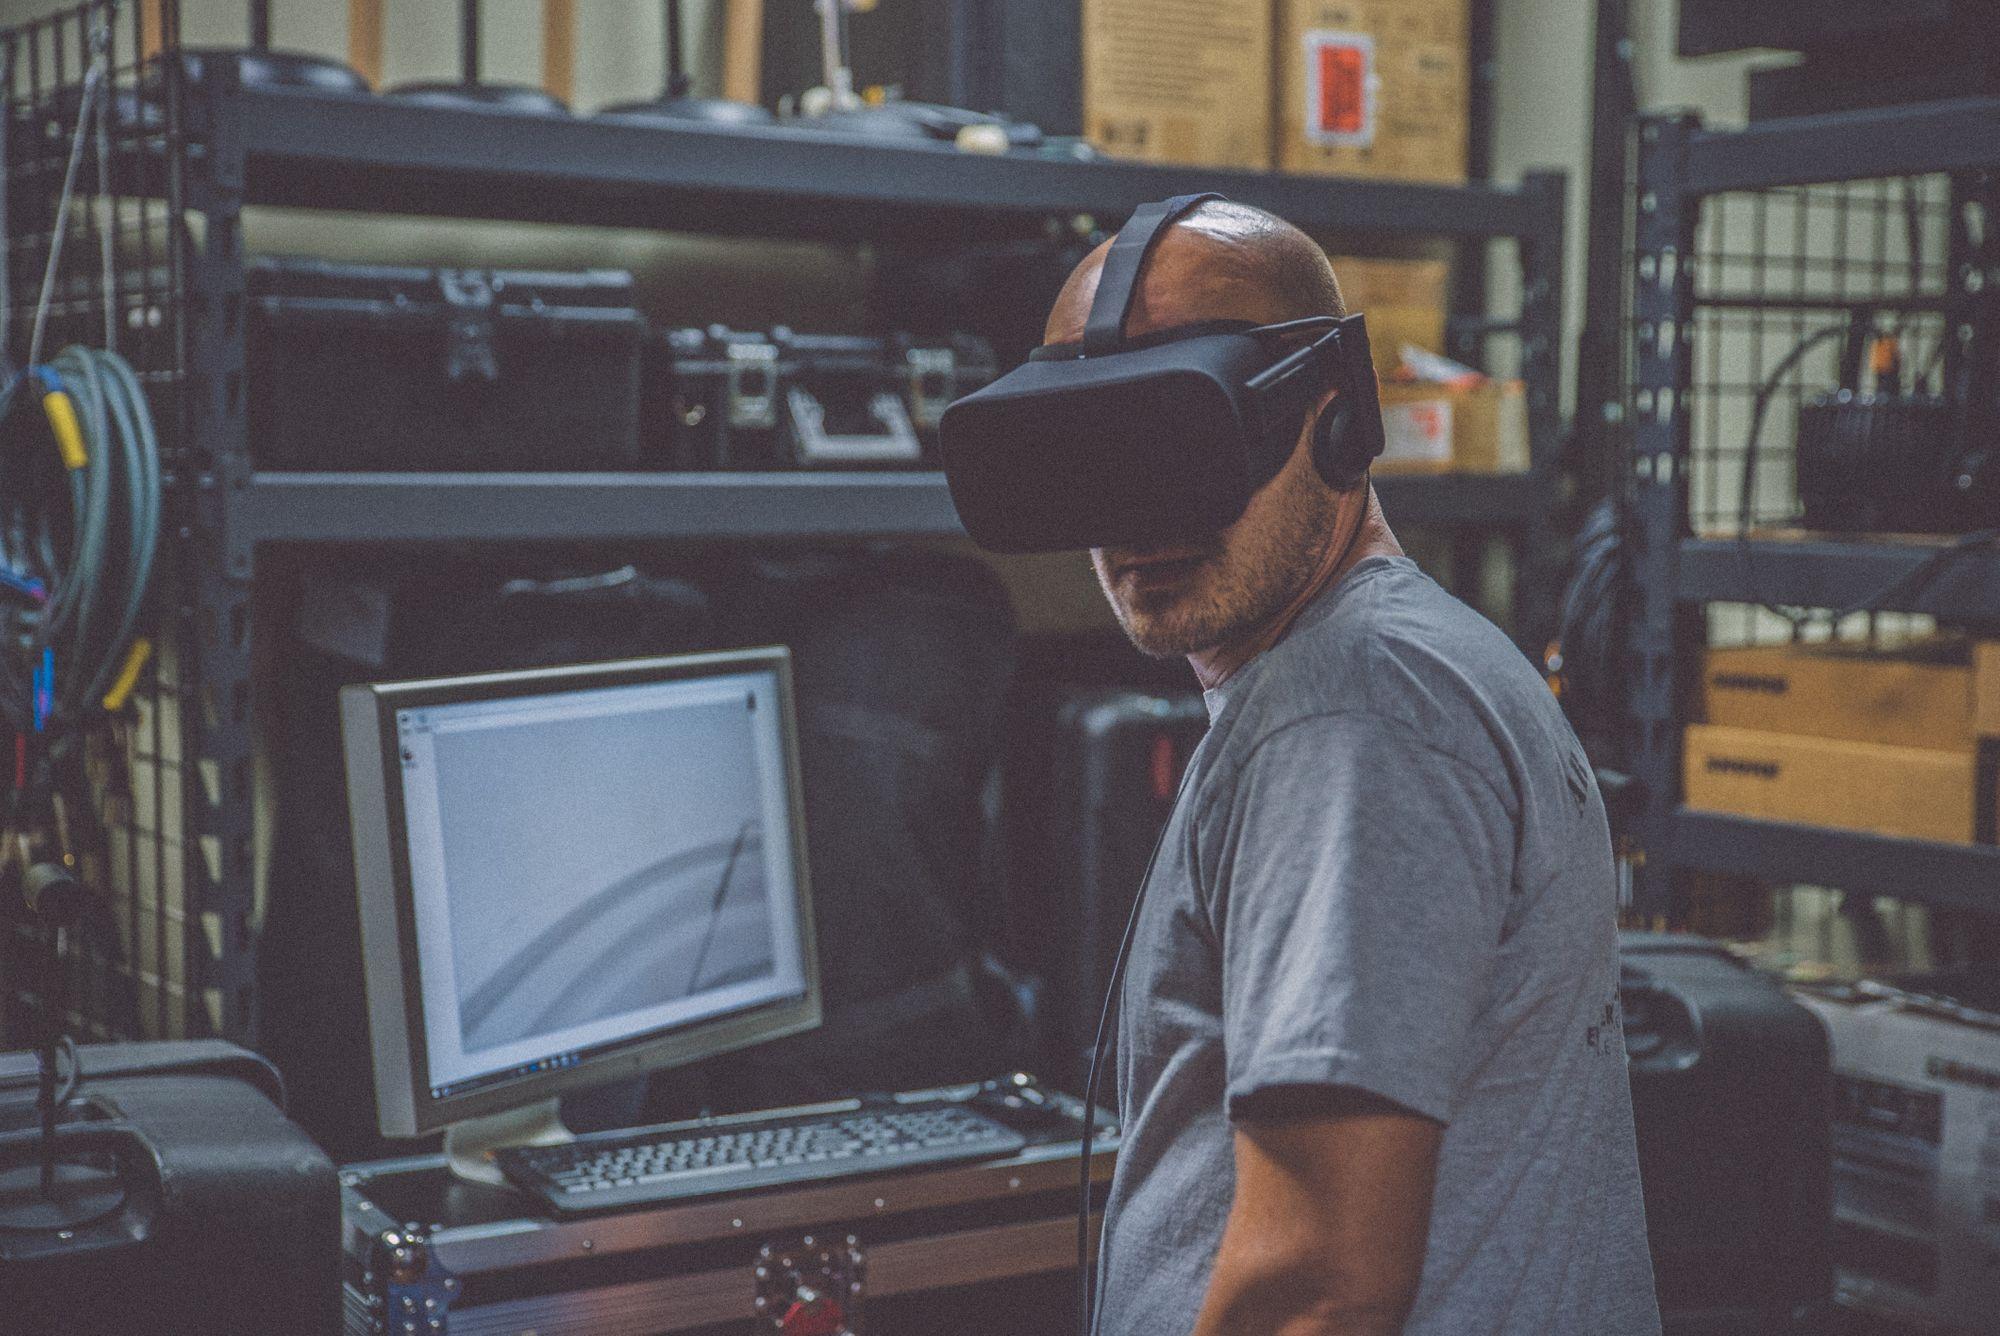 Home avec un casque VR devant une machine